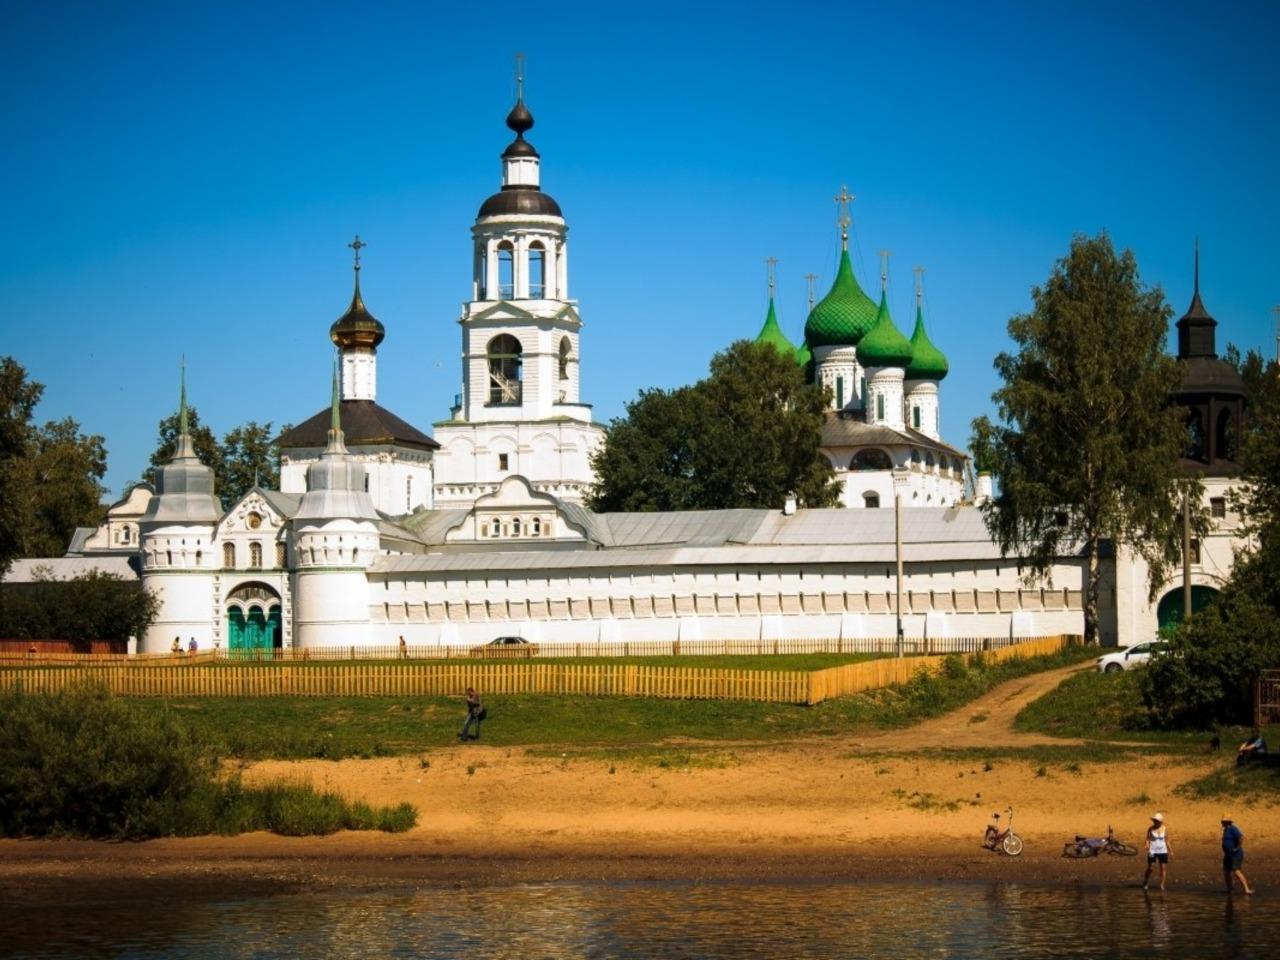 Экскурсия в Толгский монастырь - индивидуальная экскурсия в Ярославле от опытного гида